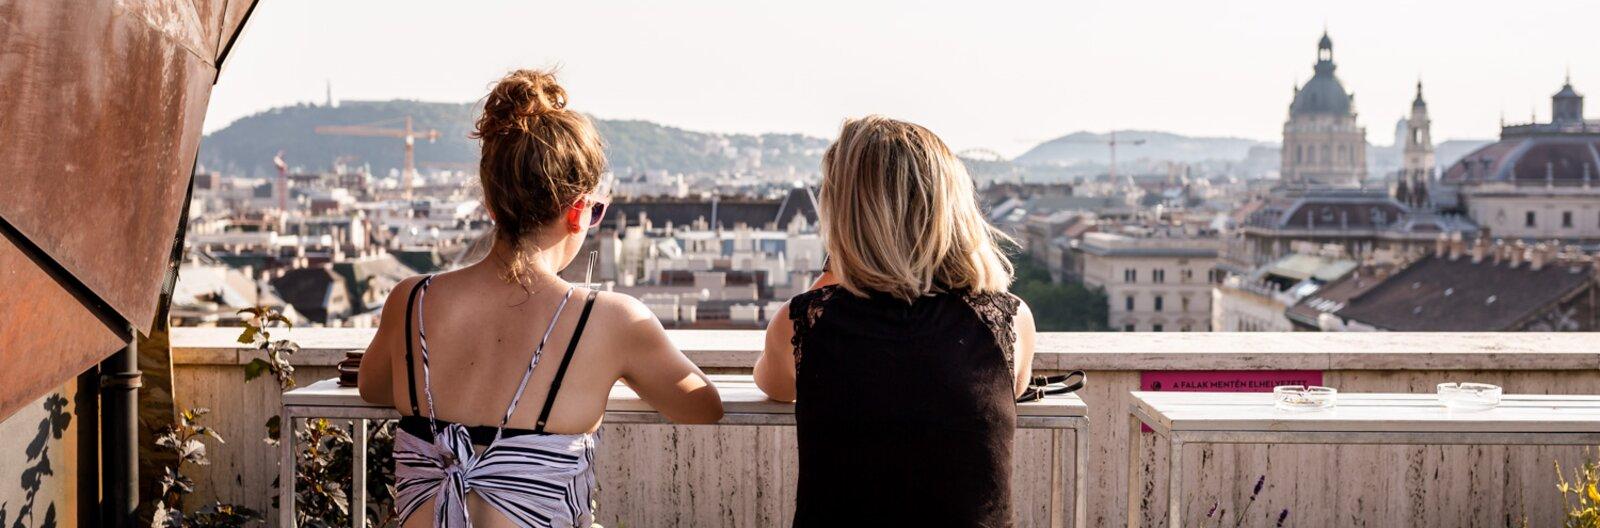 9 budapesti rooftop bár, avagy kikapcsolódás a város tetején